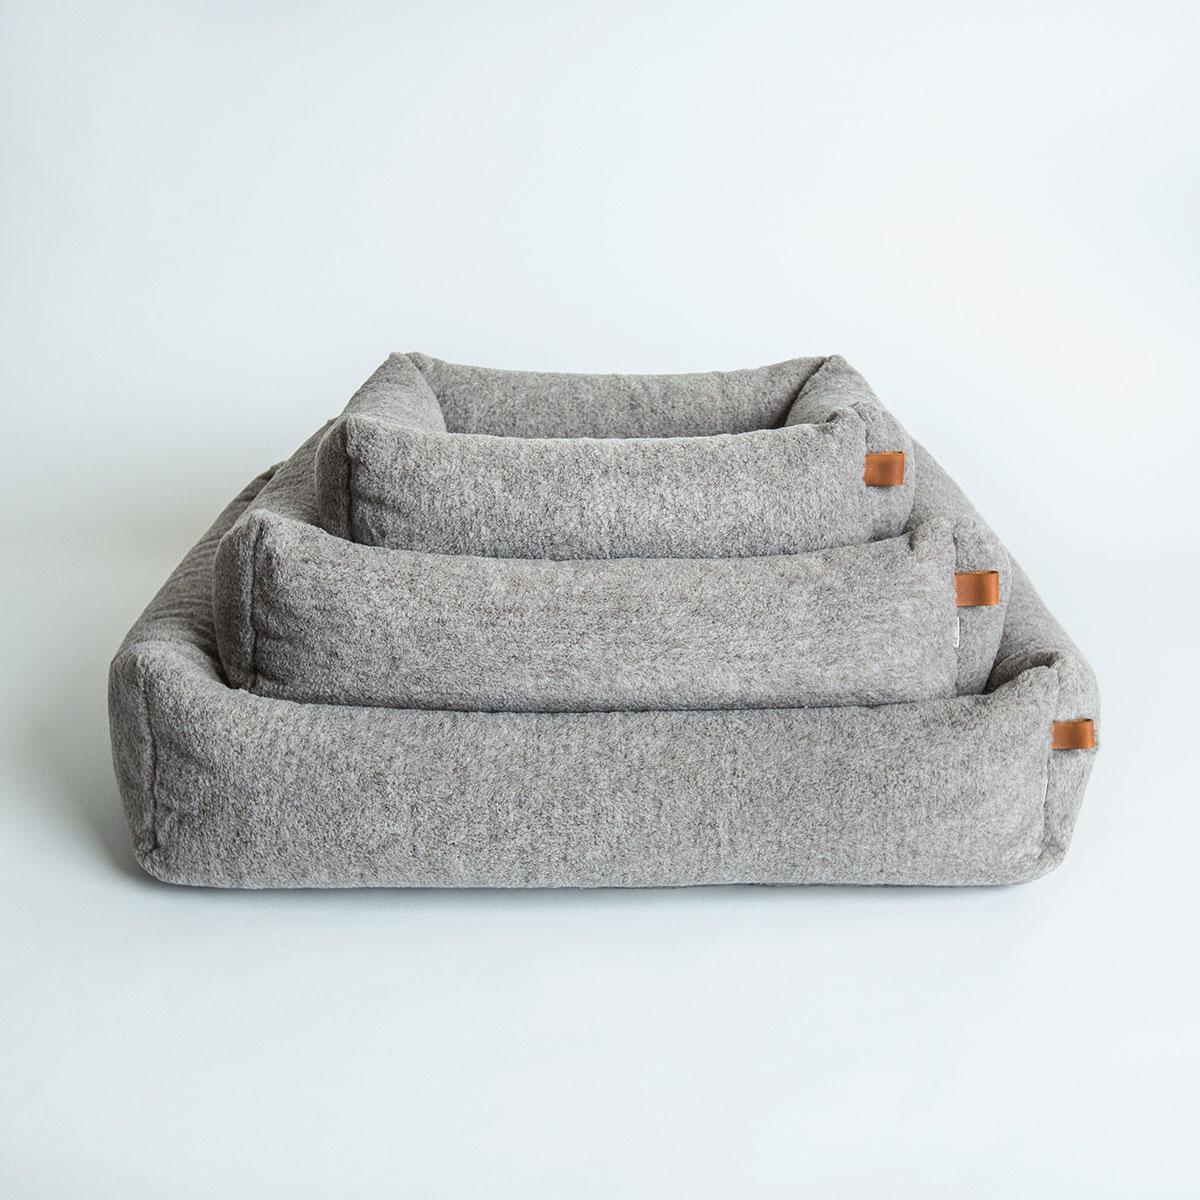 hundekurv-cloud7-sleepy-deluxe-teddy